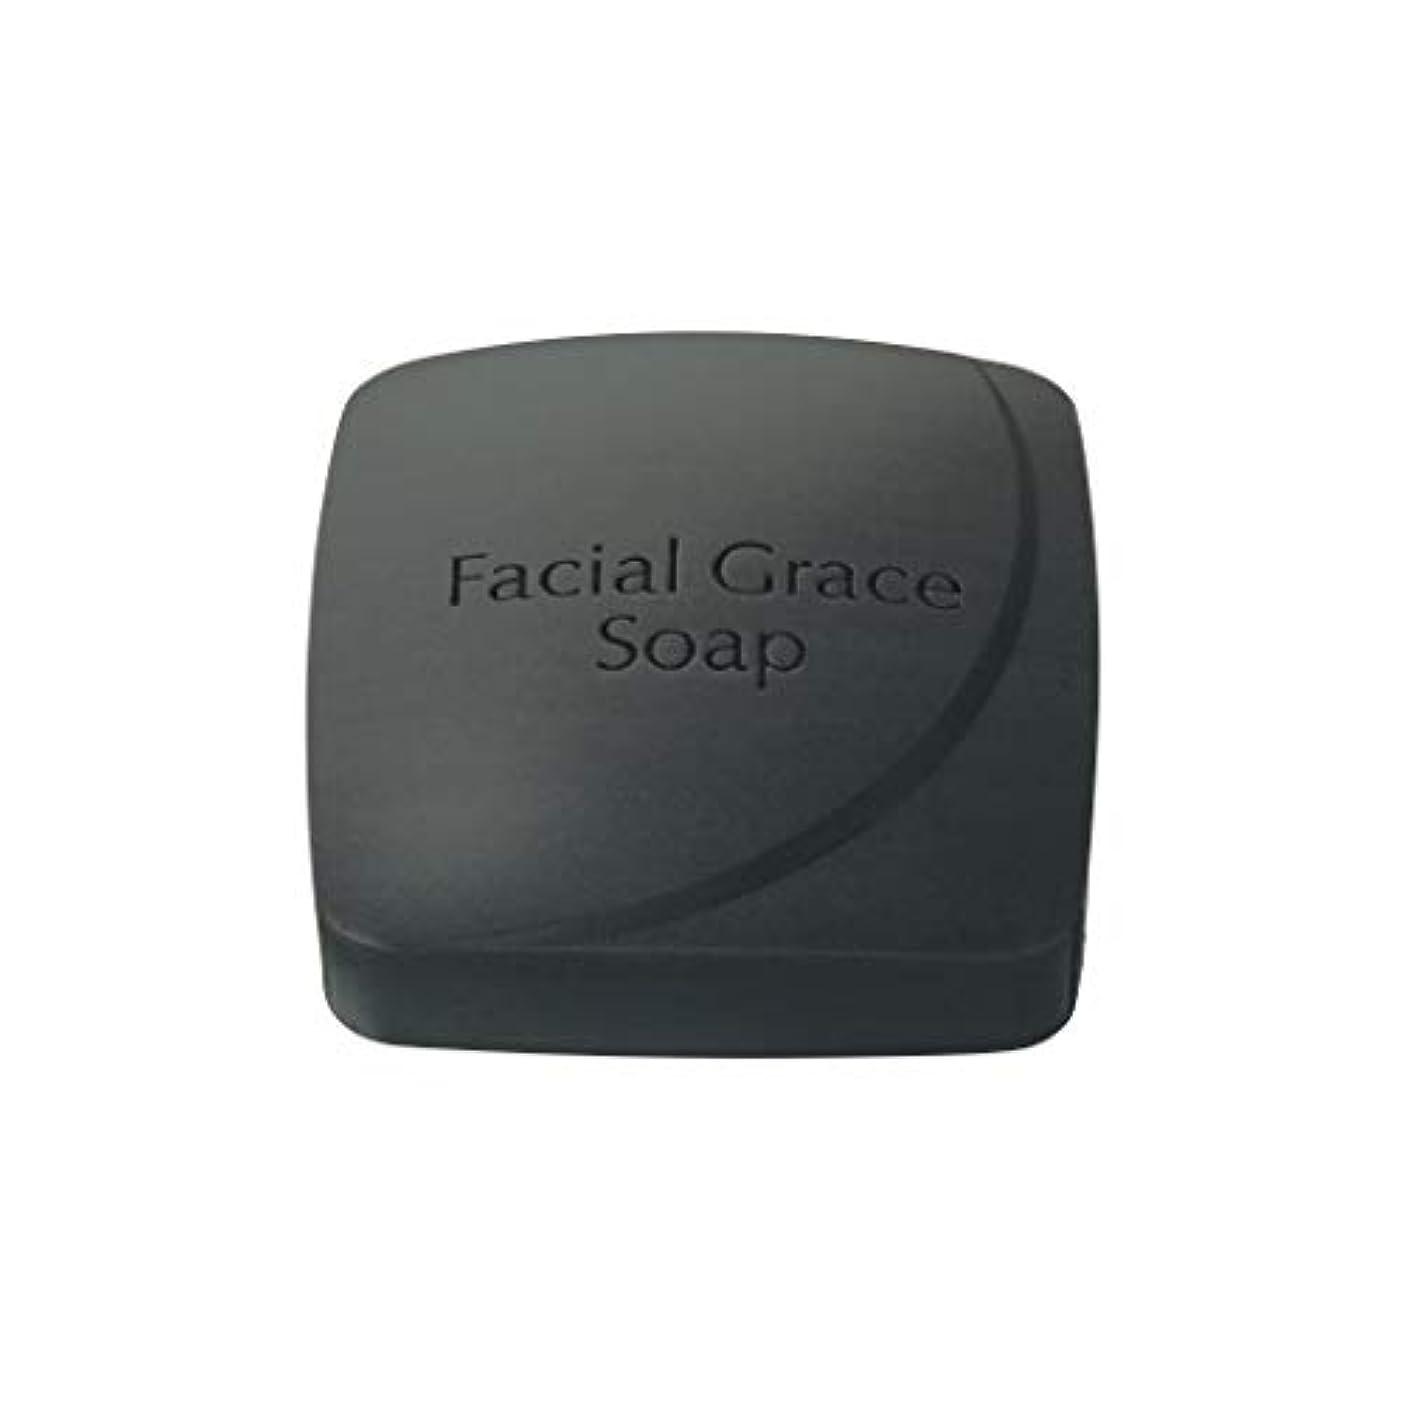 イデオロギーランチ陰謀アテニア フェイシャルグレイスソープ 石鹸 洗顔 エイジングケア 100g 洗顔せっけん